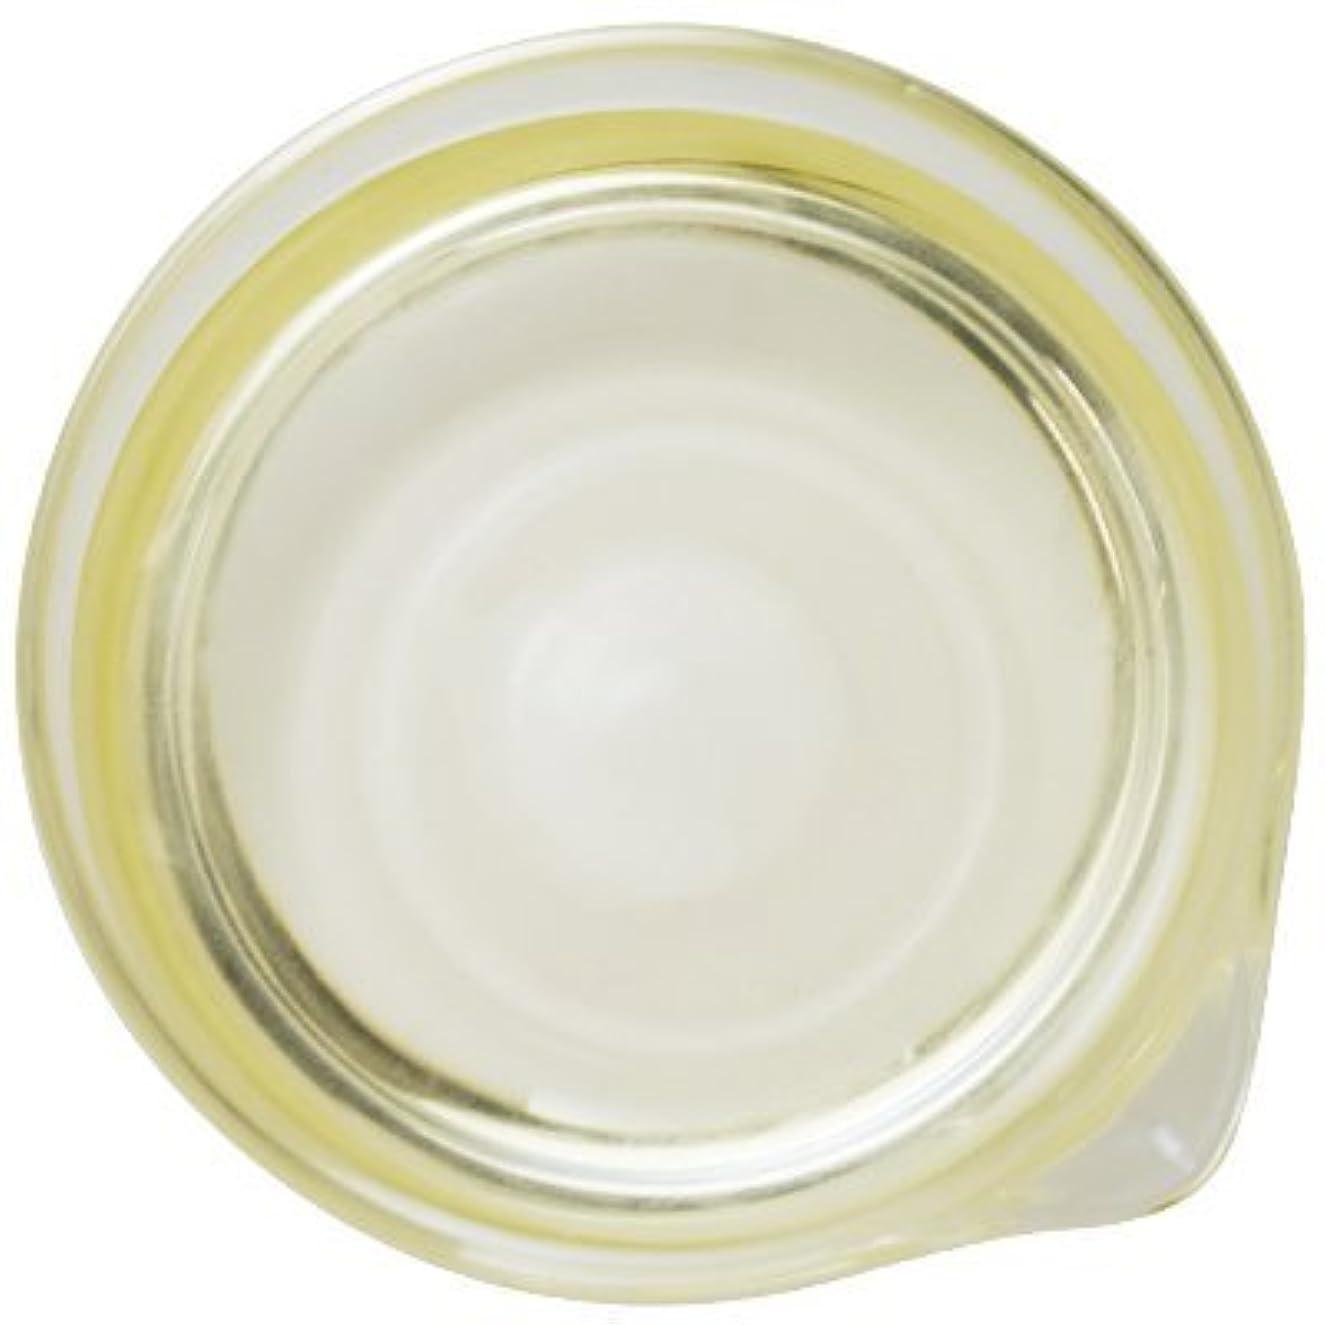 ロースト衝突するグッゲンハイム美術館セサミオイル 250ml [白ごま油]【手作り石鹸/手作りコスメ/ごま油】【birth】